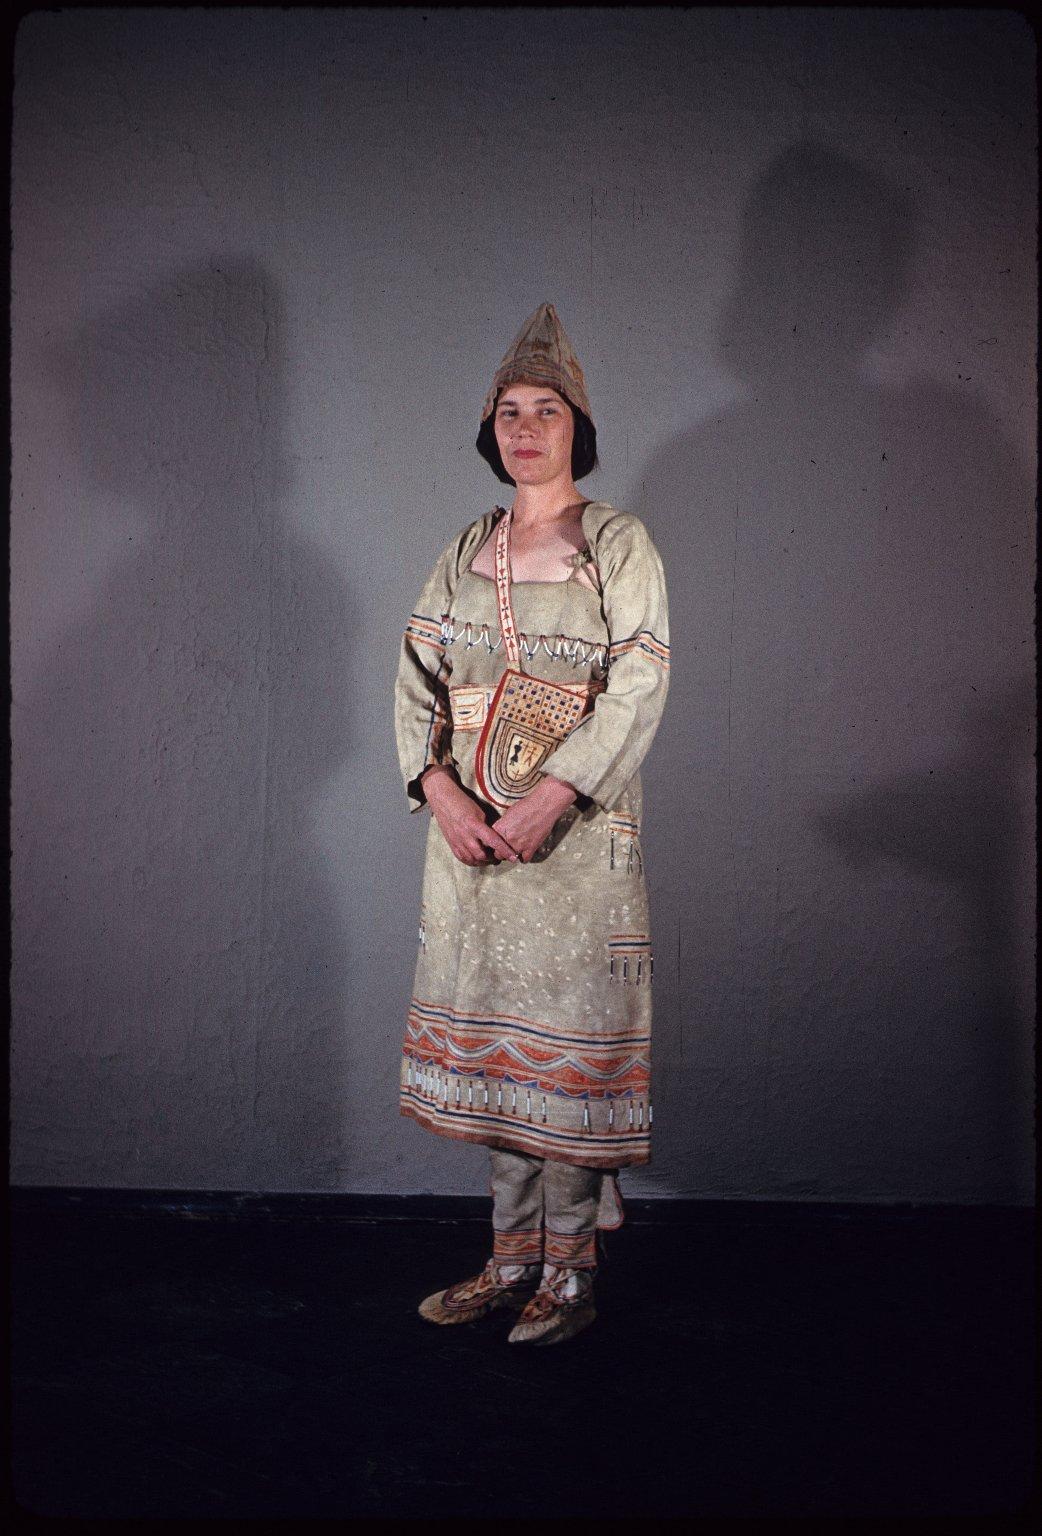 Naskapi Native Costume